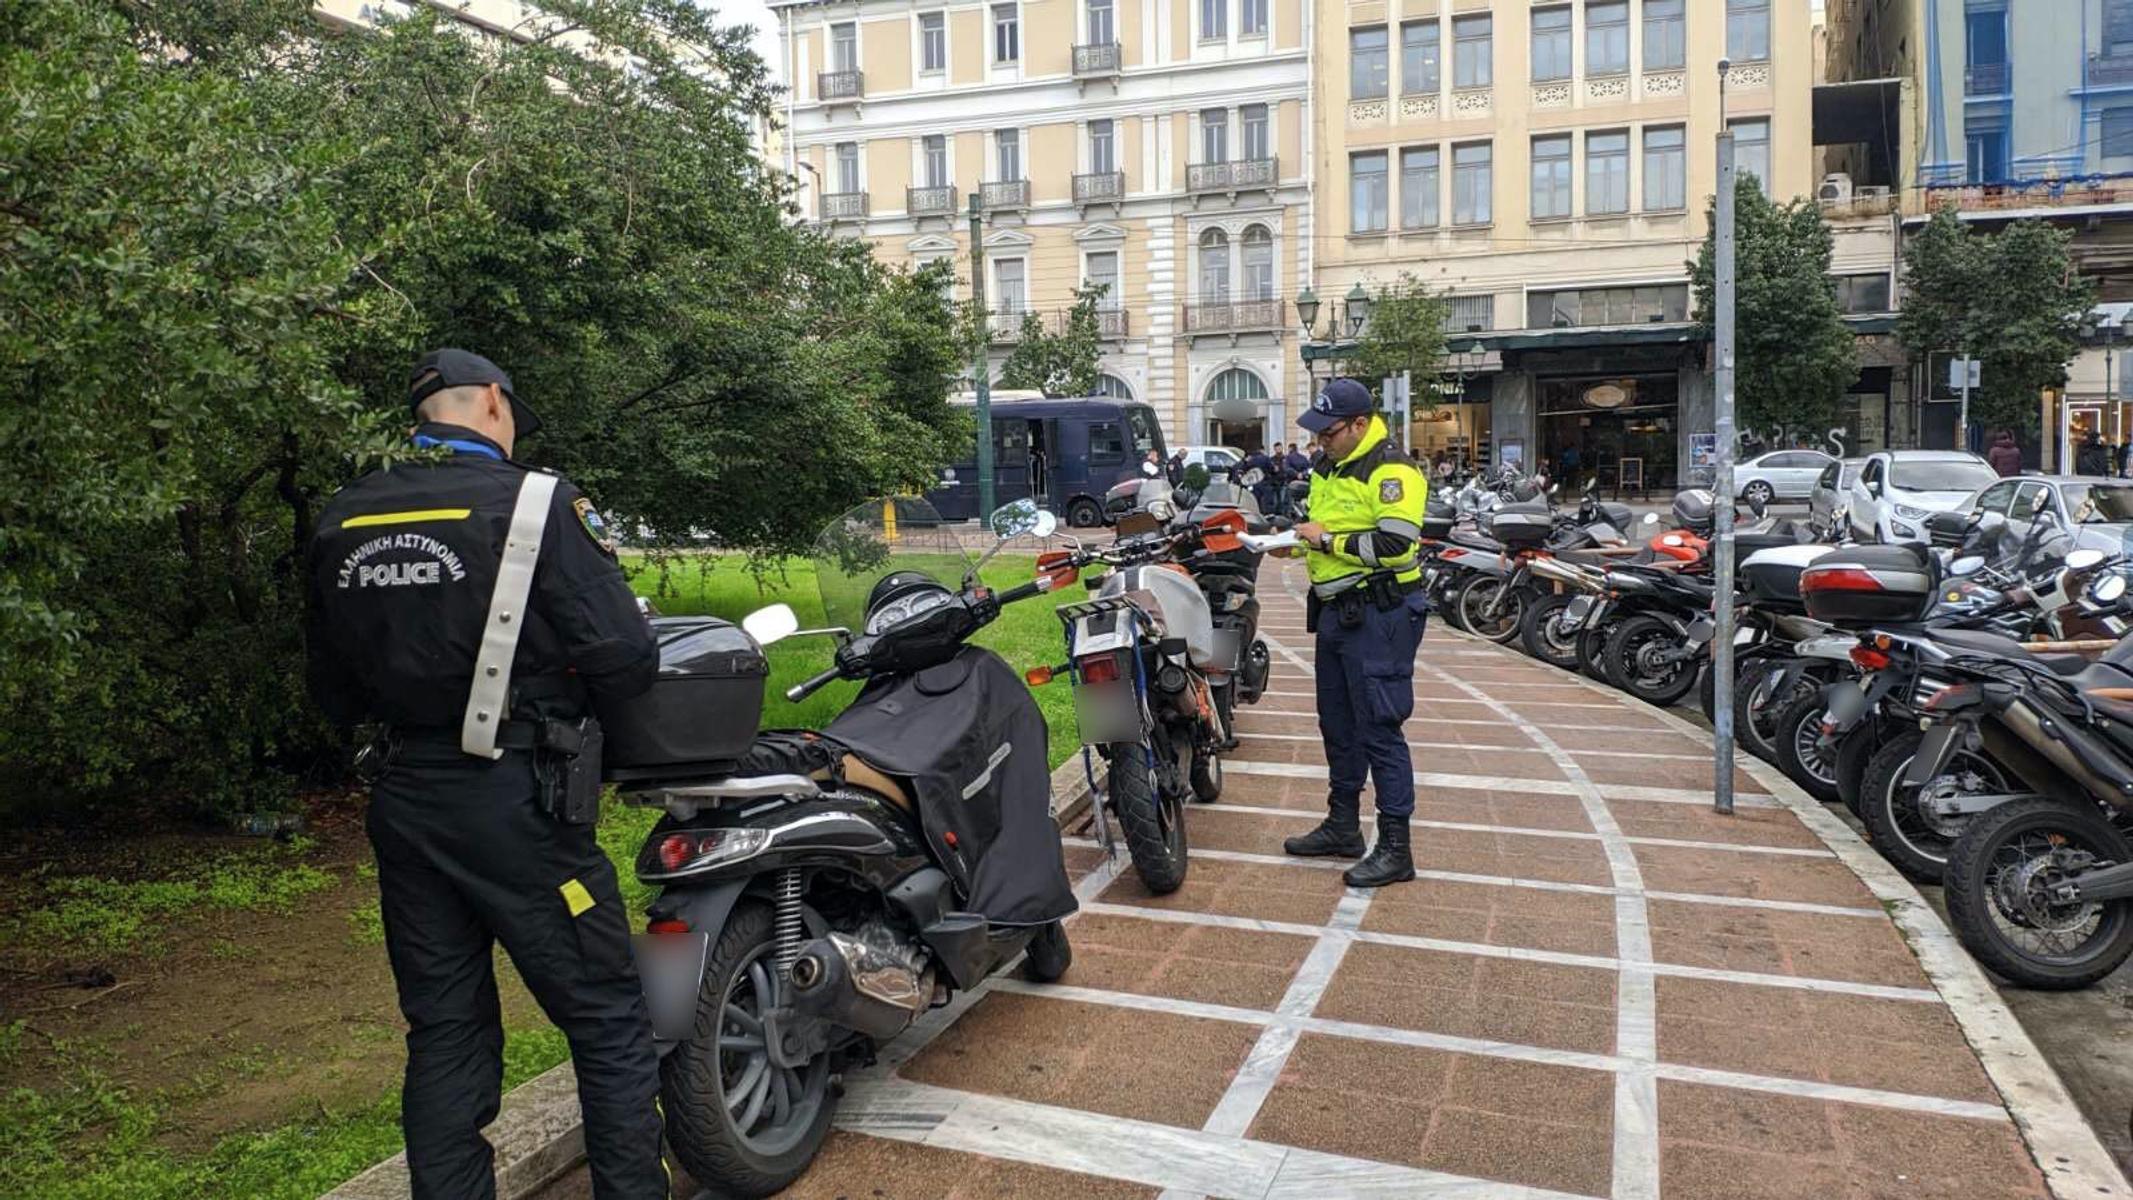 Τροχαία: Δεν άφησαν μηχανάκι για μηχανάκι στα πεζοδρόμια!